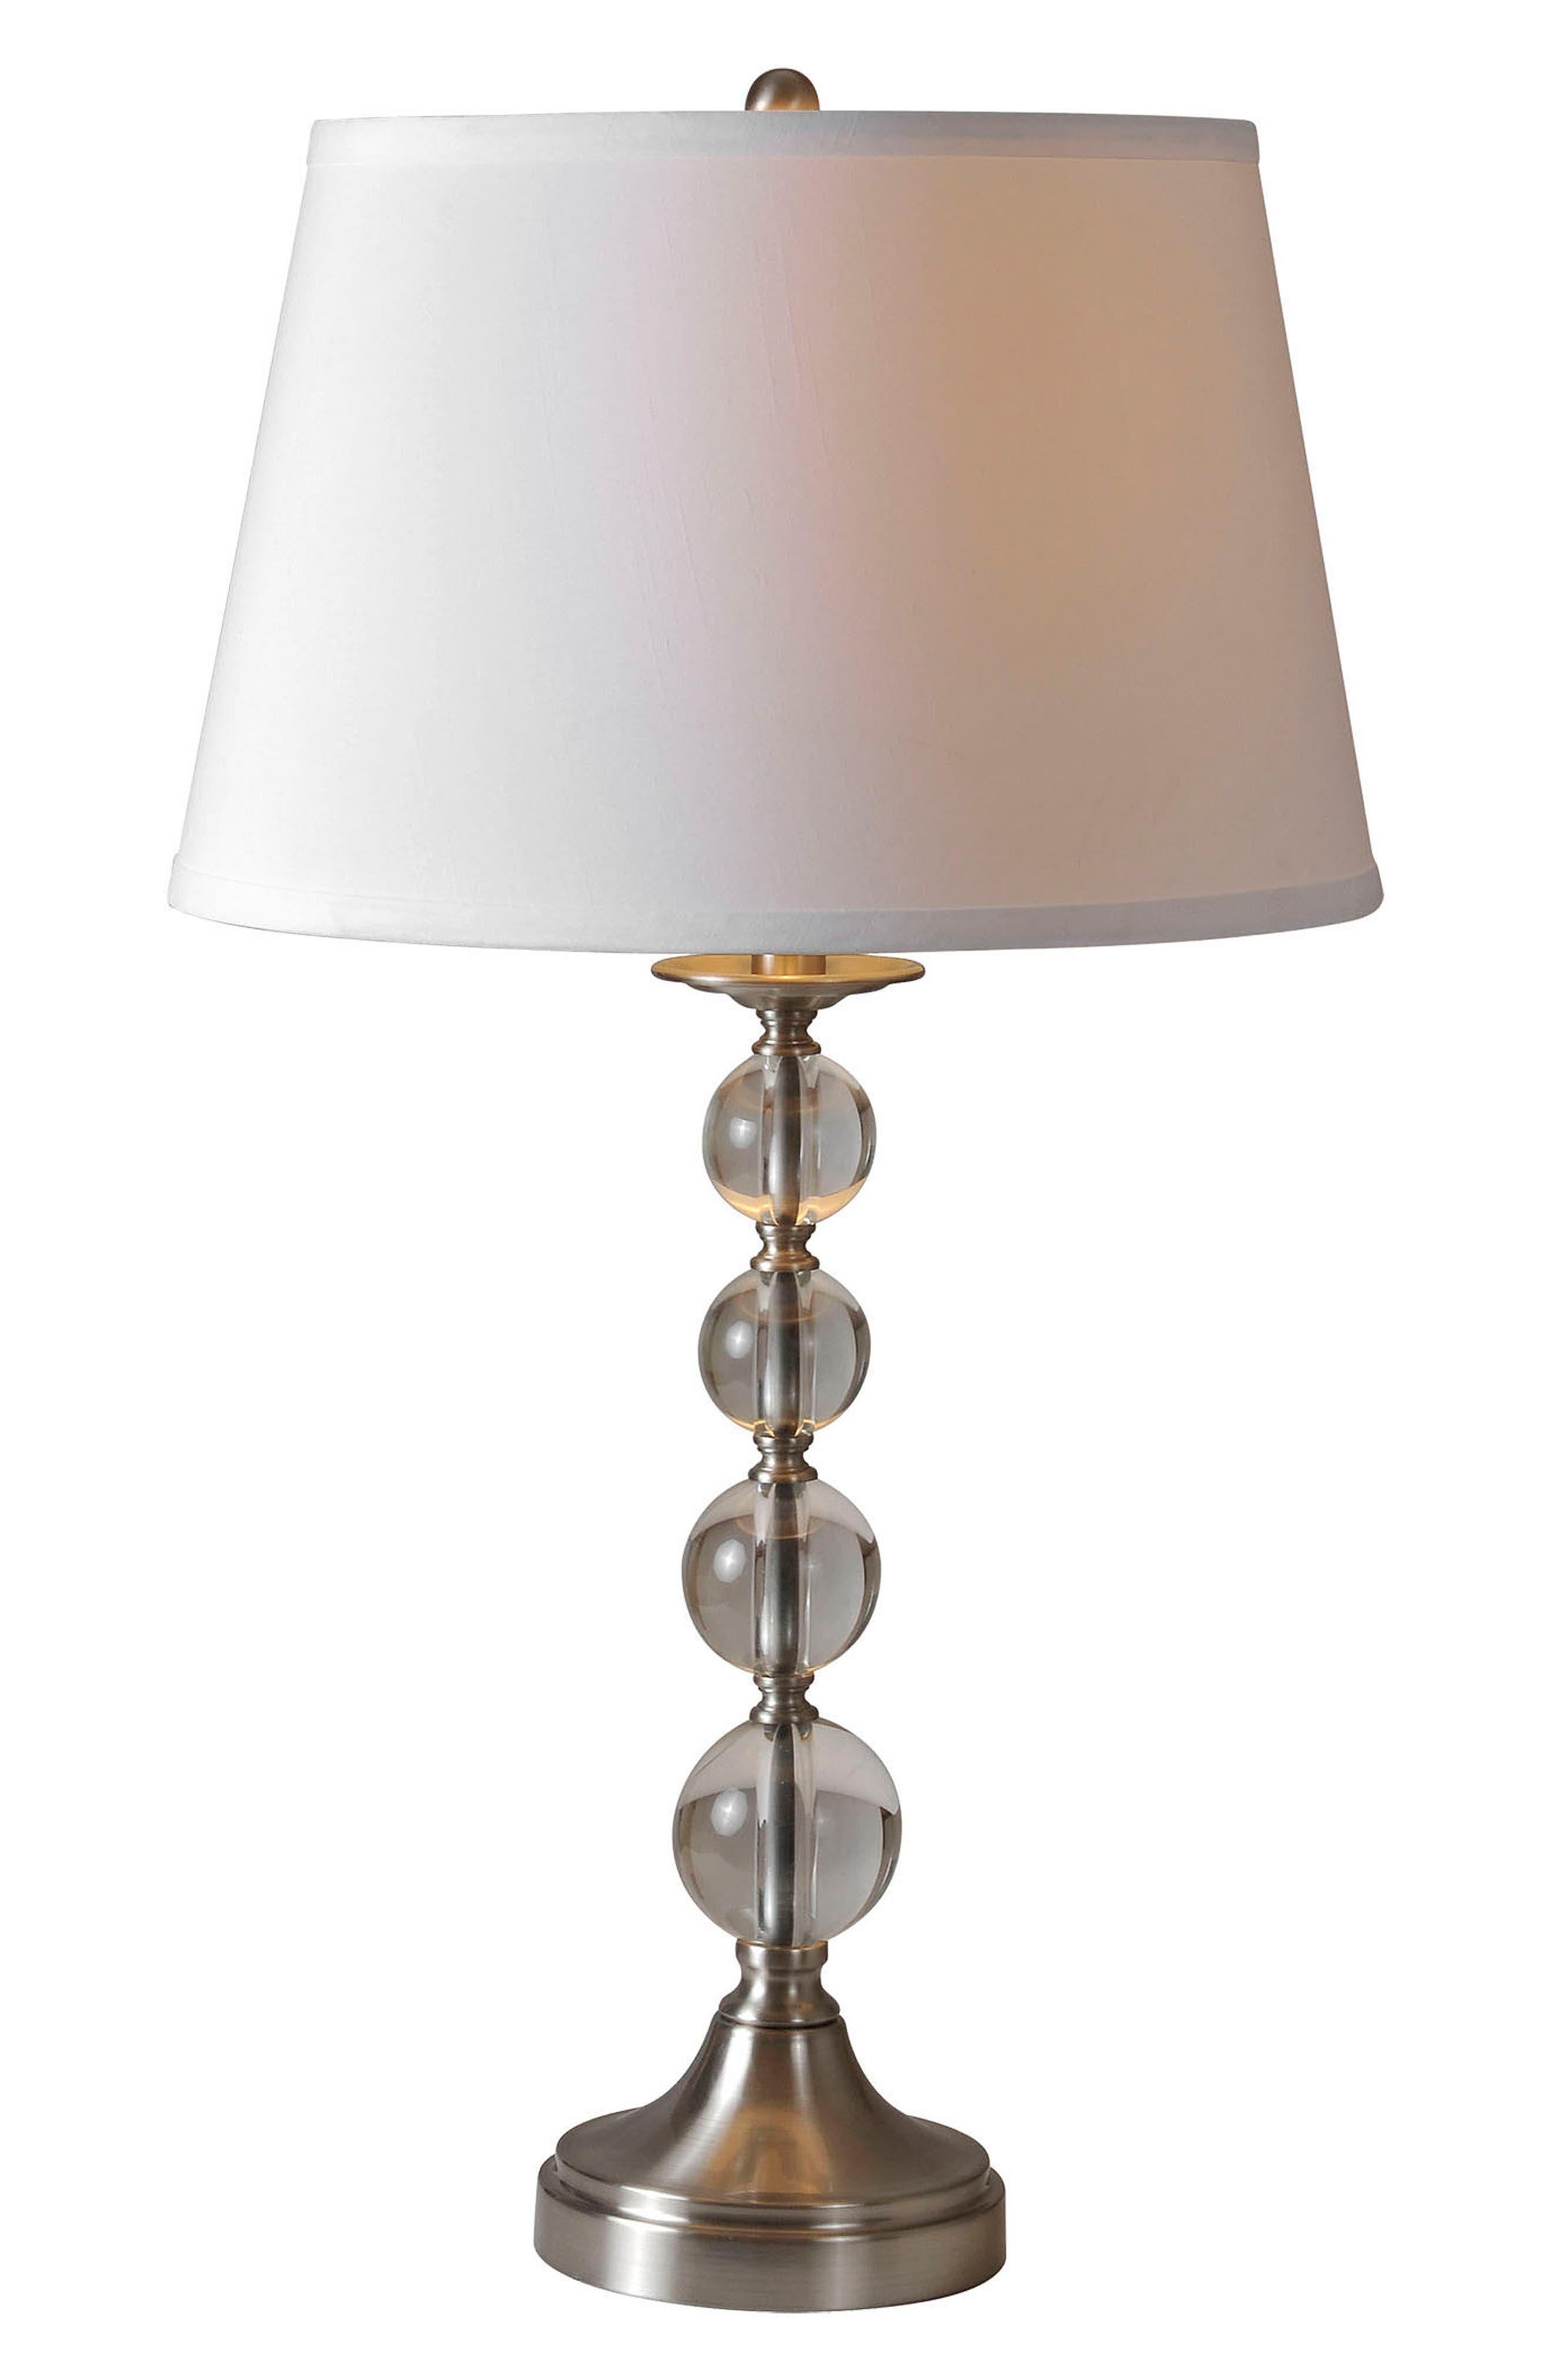 Main Image - Renwil Venezia Set of 2 Table Lamps